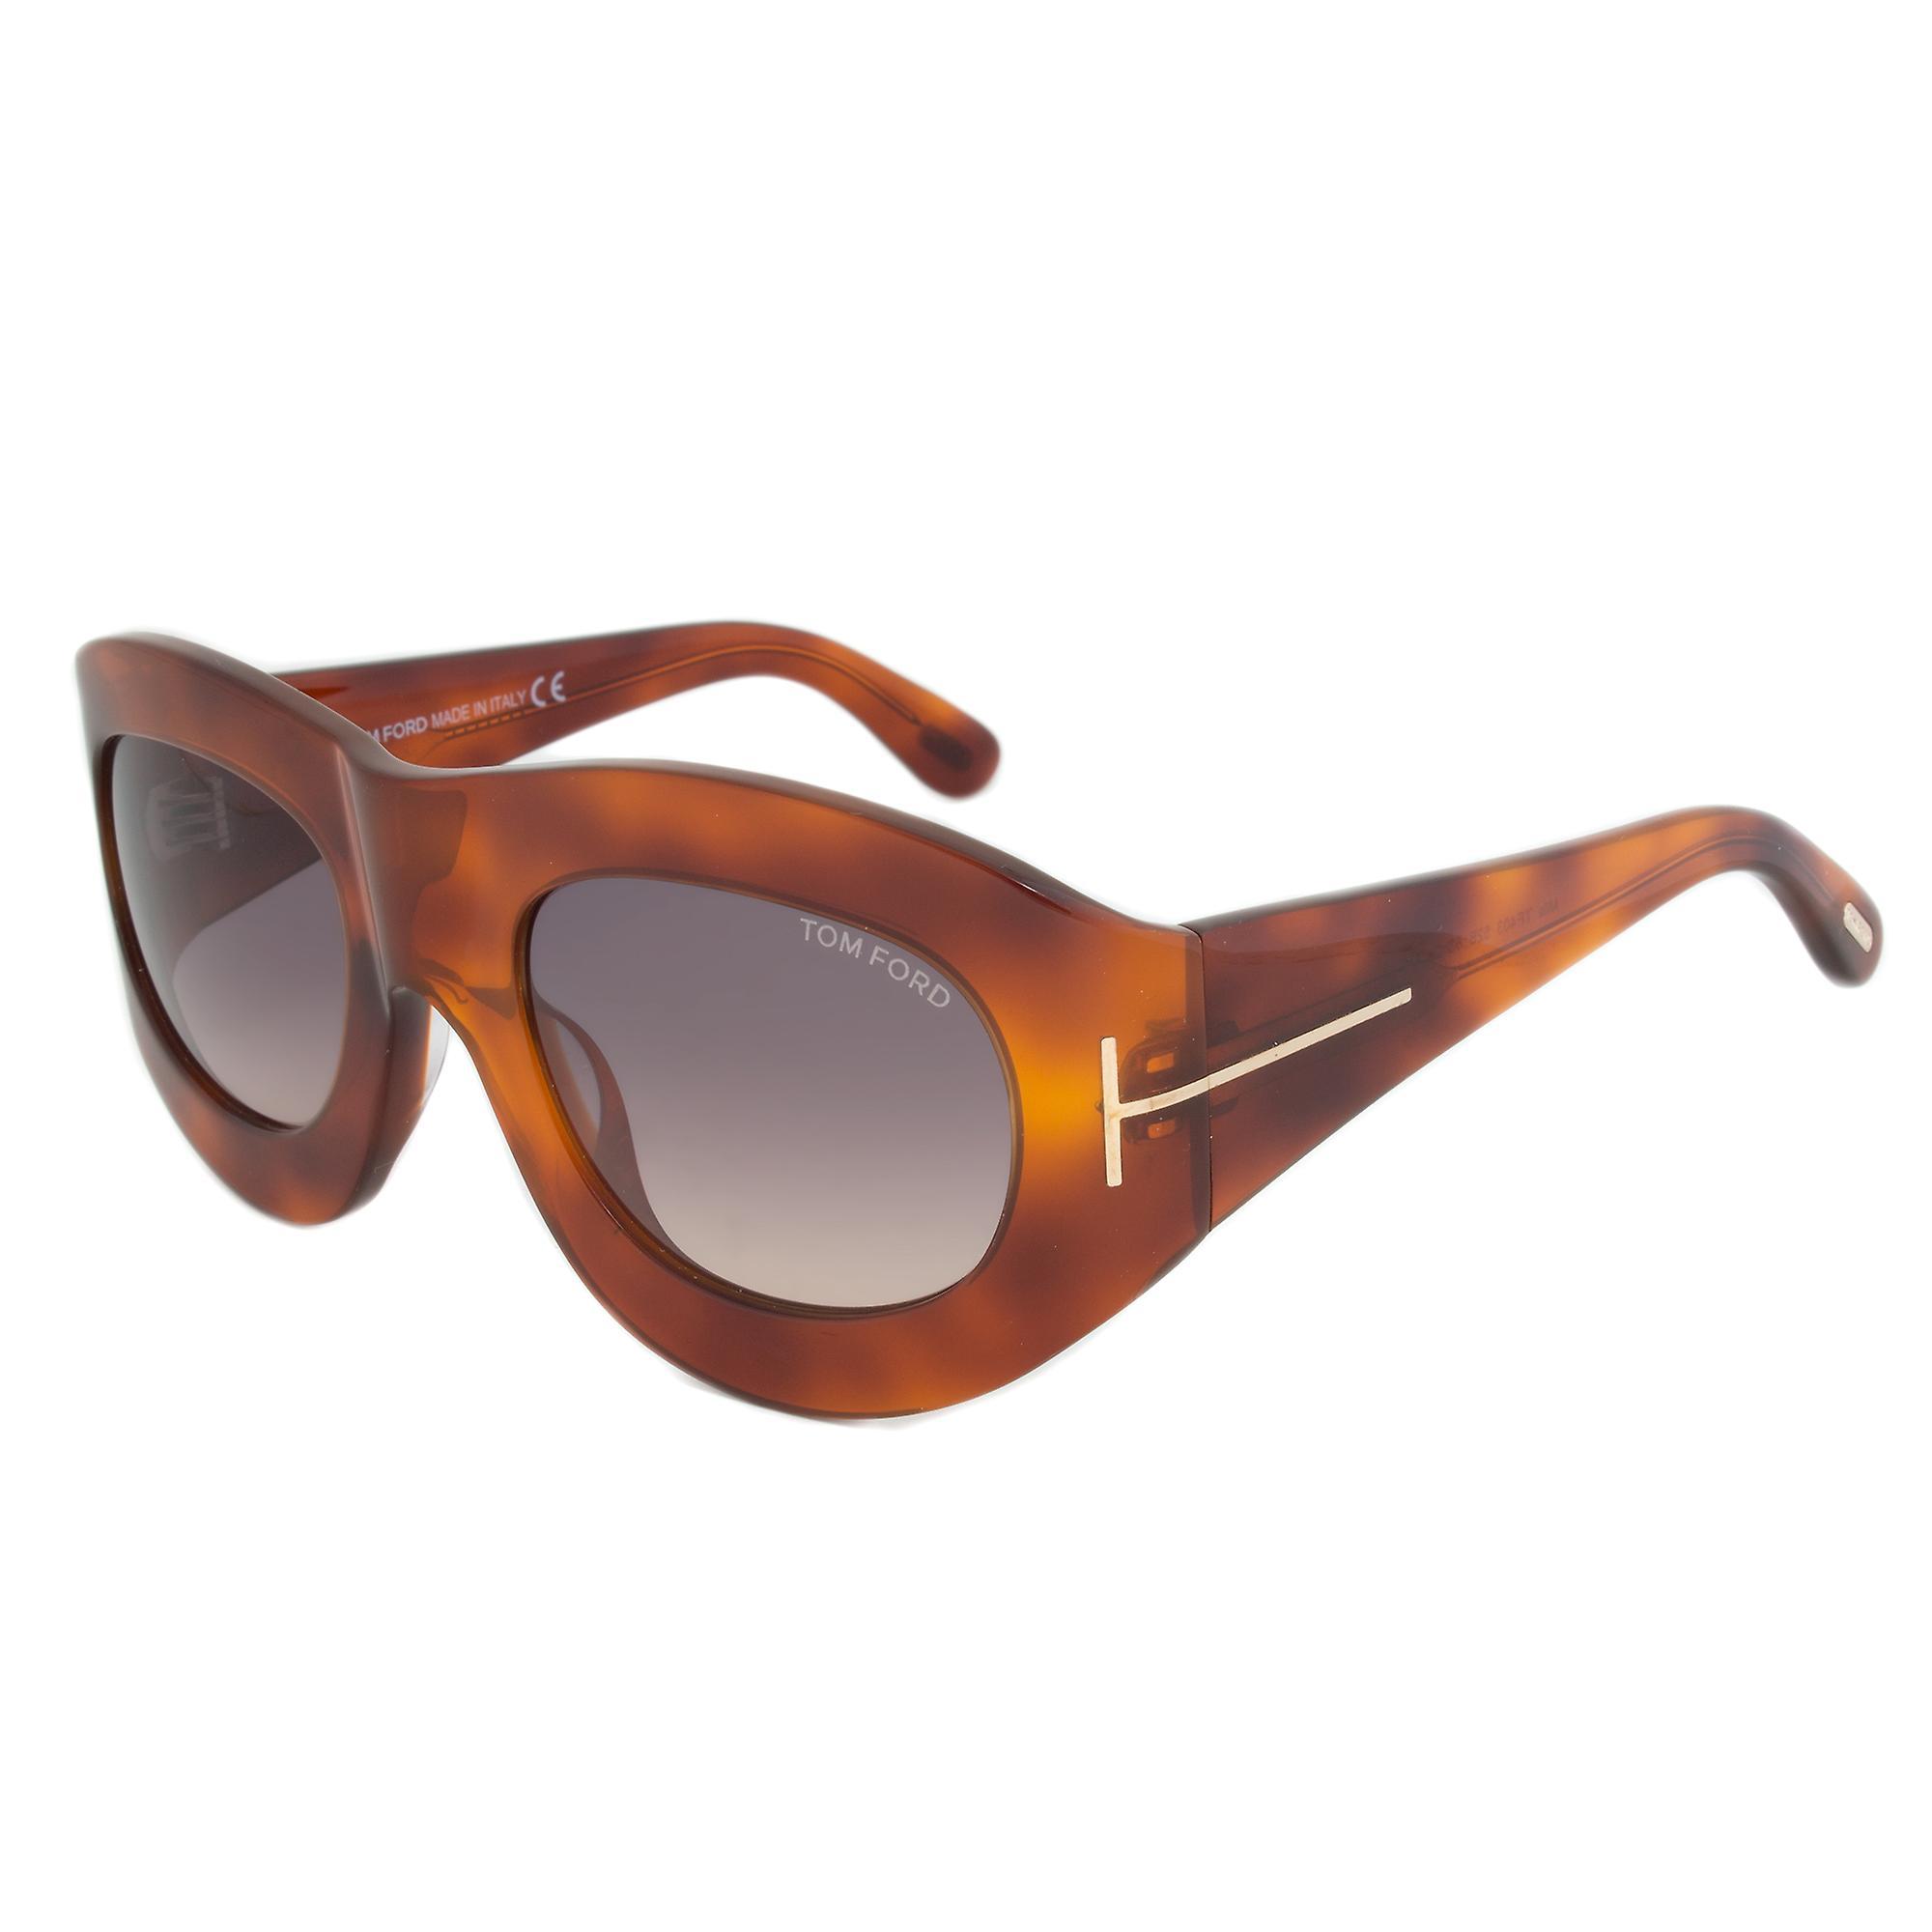 Tom Ford FT0403 52B Mila Square Sunglasses | Havana Frame | Grey Gradient Lens